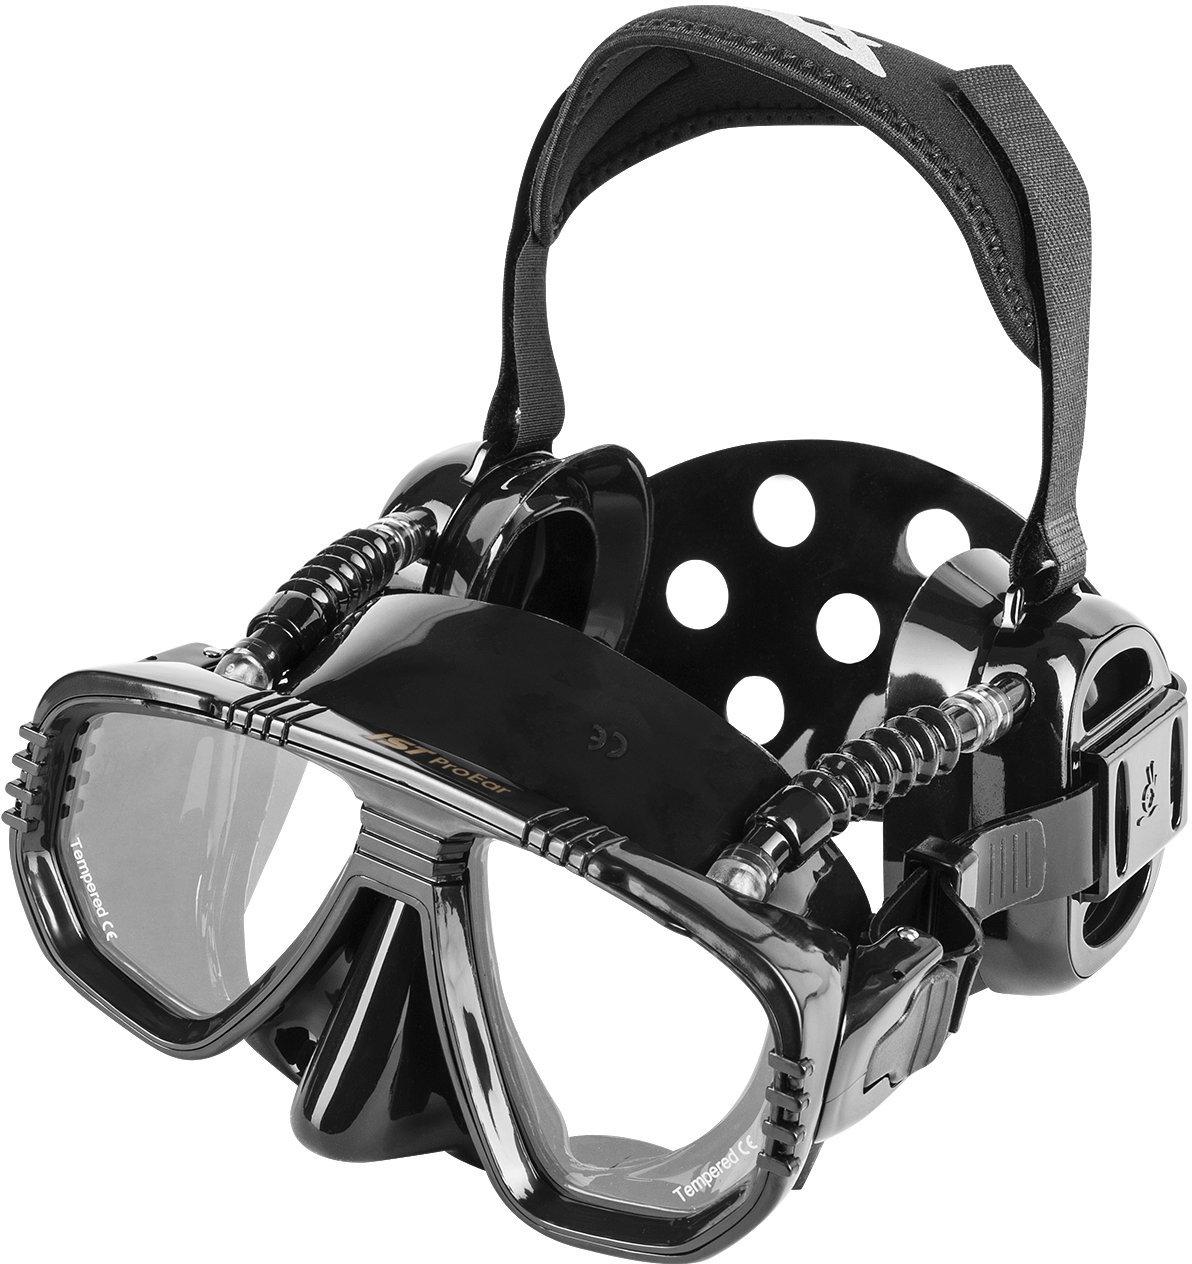 d982a90d29 IST ME55 Pro Ear 2000 Sealed Dive Mask